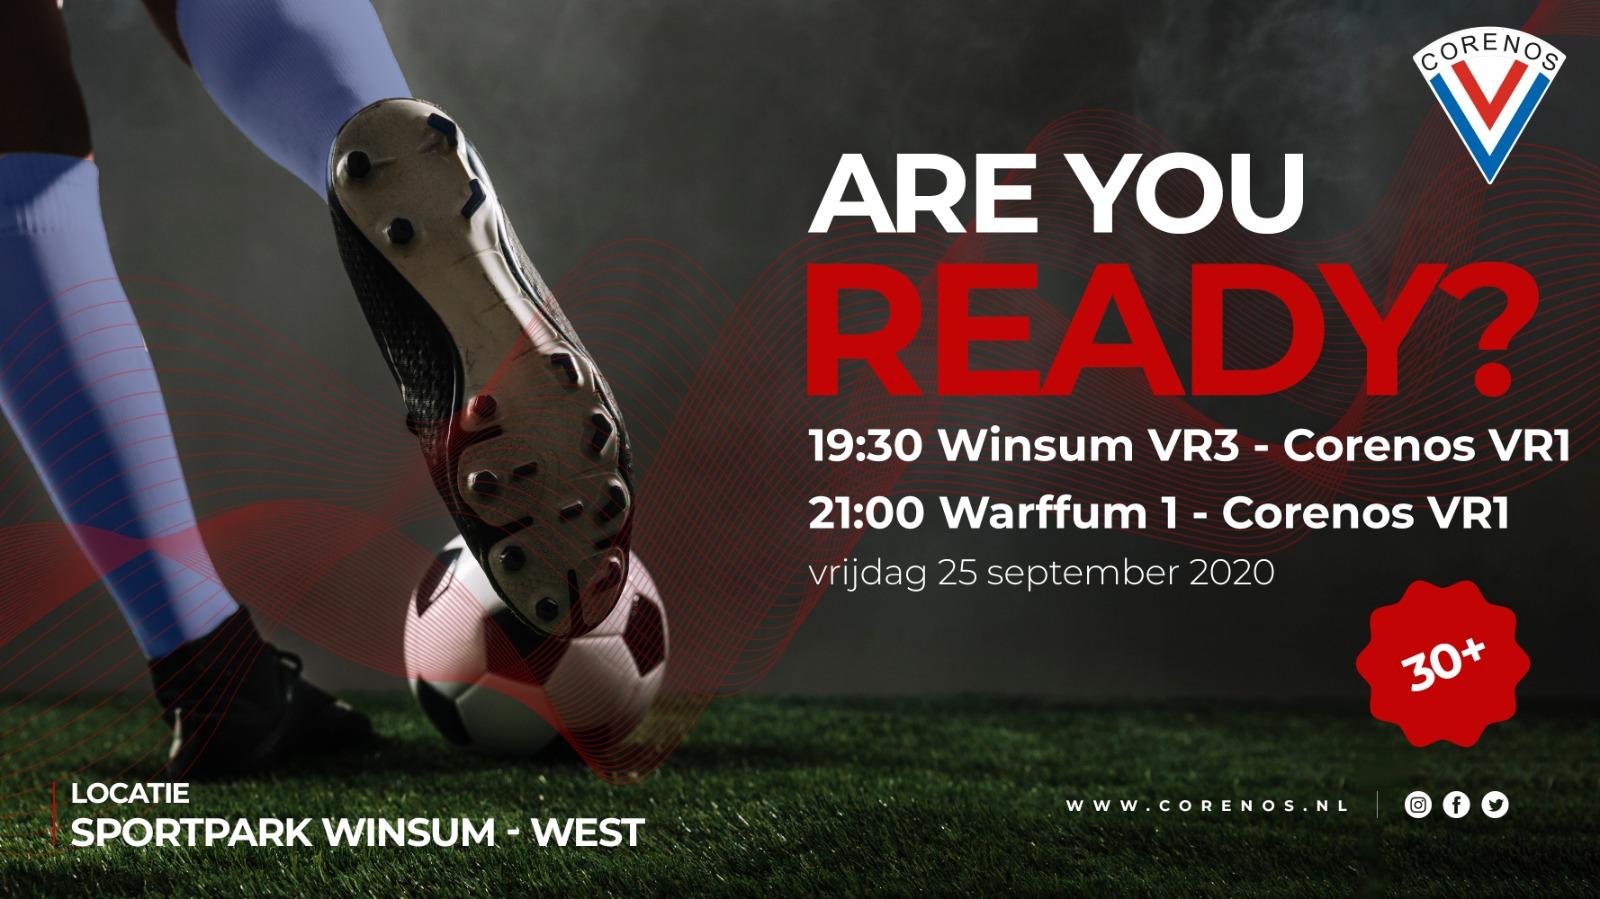 Matchday voor VR30  in Winsum!